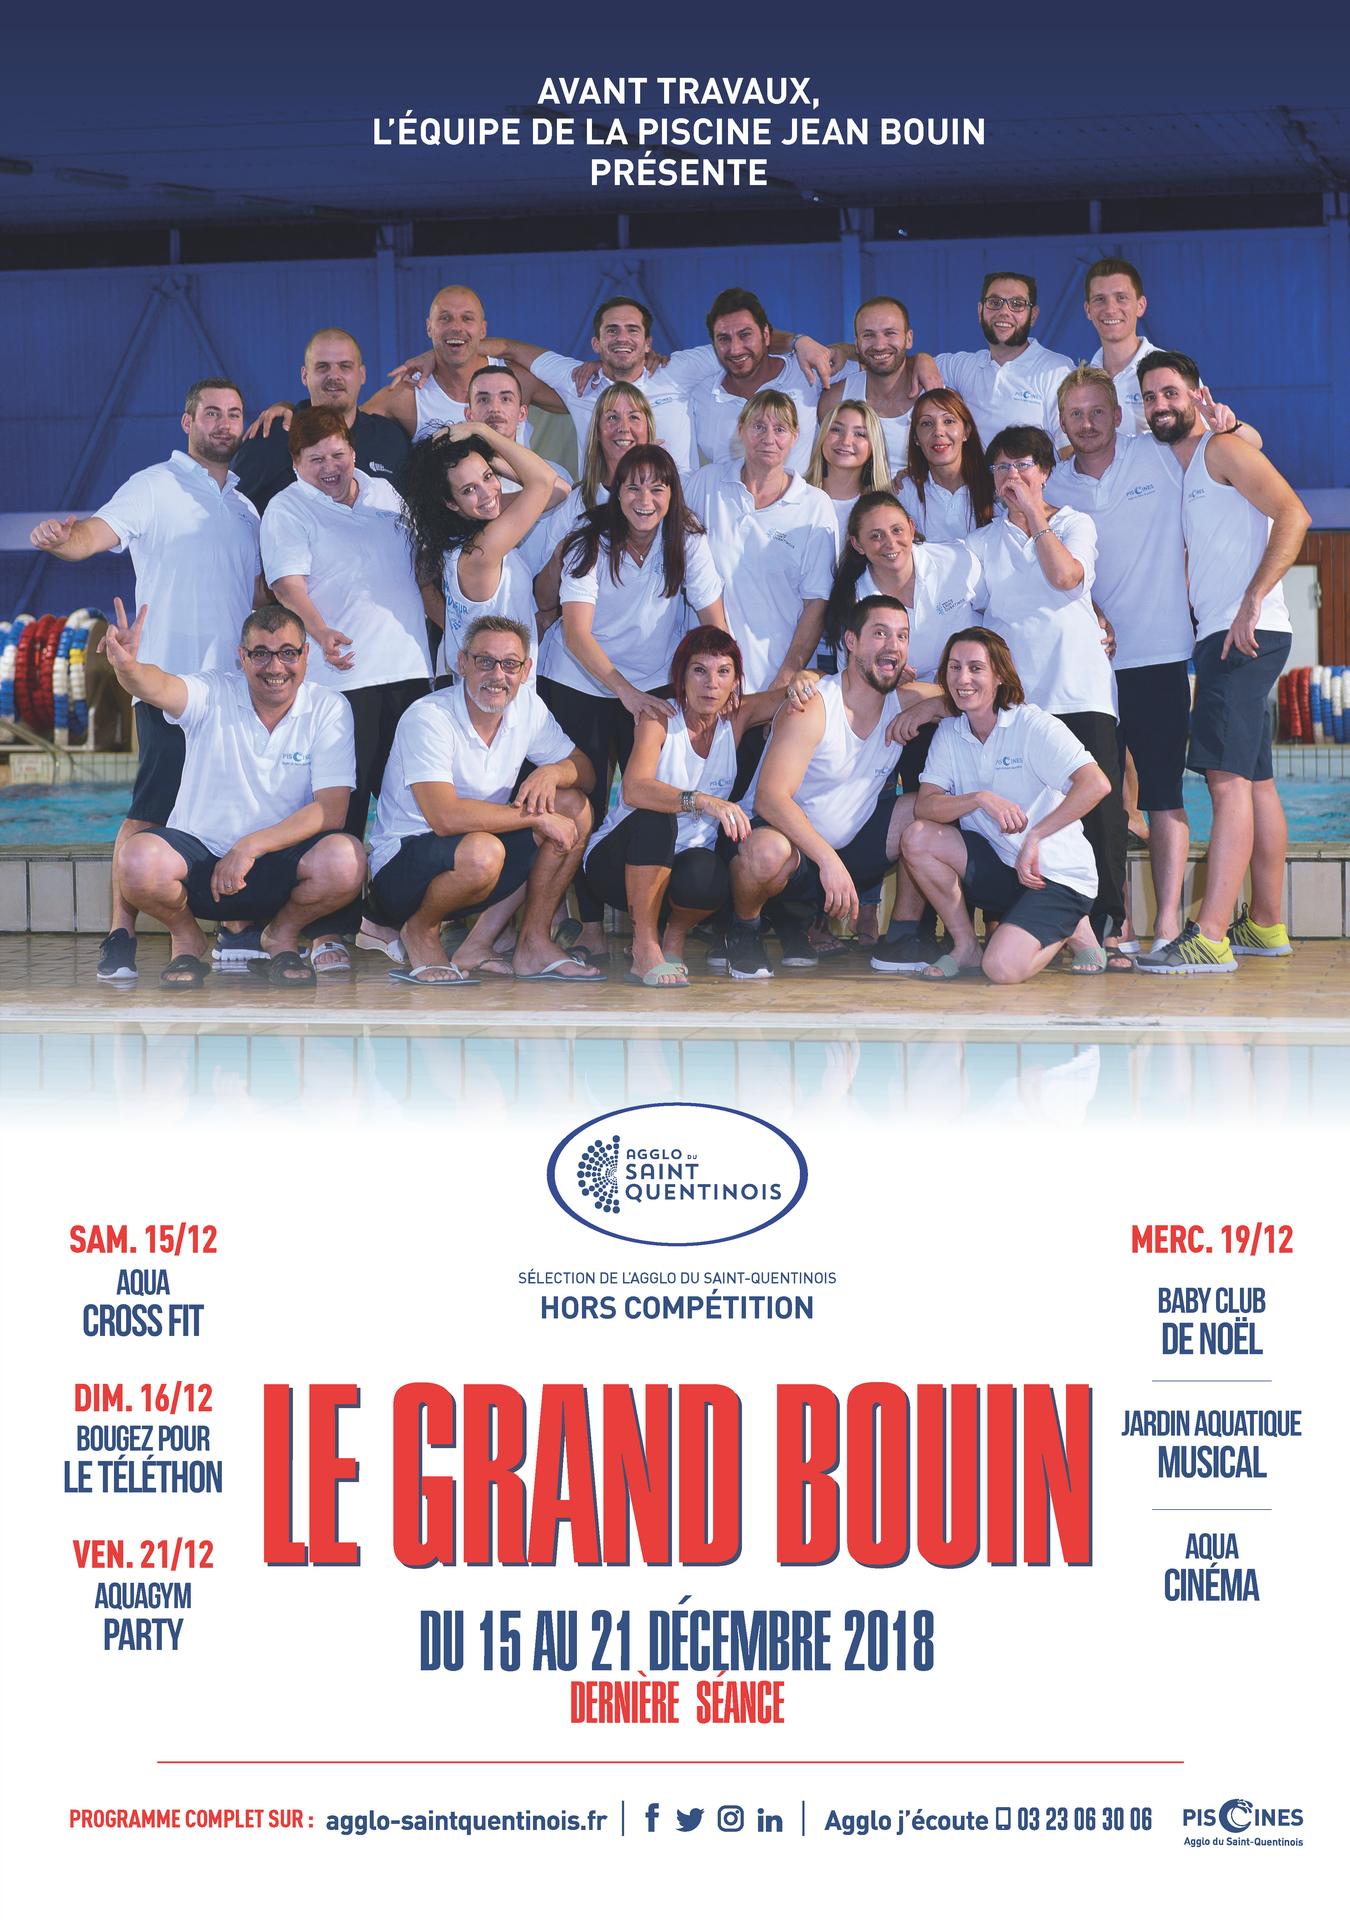 🎬💦Après #legrandbain retrouvez le Grand Bouin à la piscine Jean Bouin ! Avant travaux, l'équipe de la piscine Jean Bouin présente Le Grand Bouin du 15 au 21 décembre 2018 !#Piscine #Travaux #GrandBouin #PiscineJeanBouin #AggloSaintQuentinoisagglo-saintquentinois.fr/agenda-133/le-…